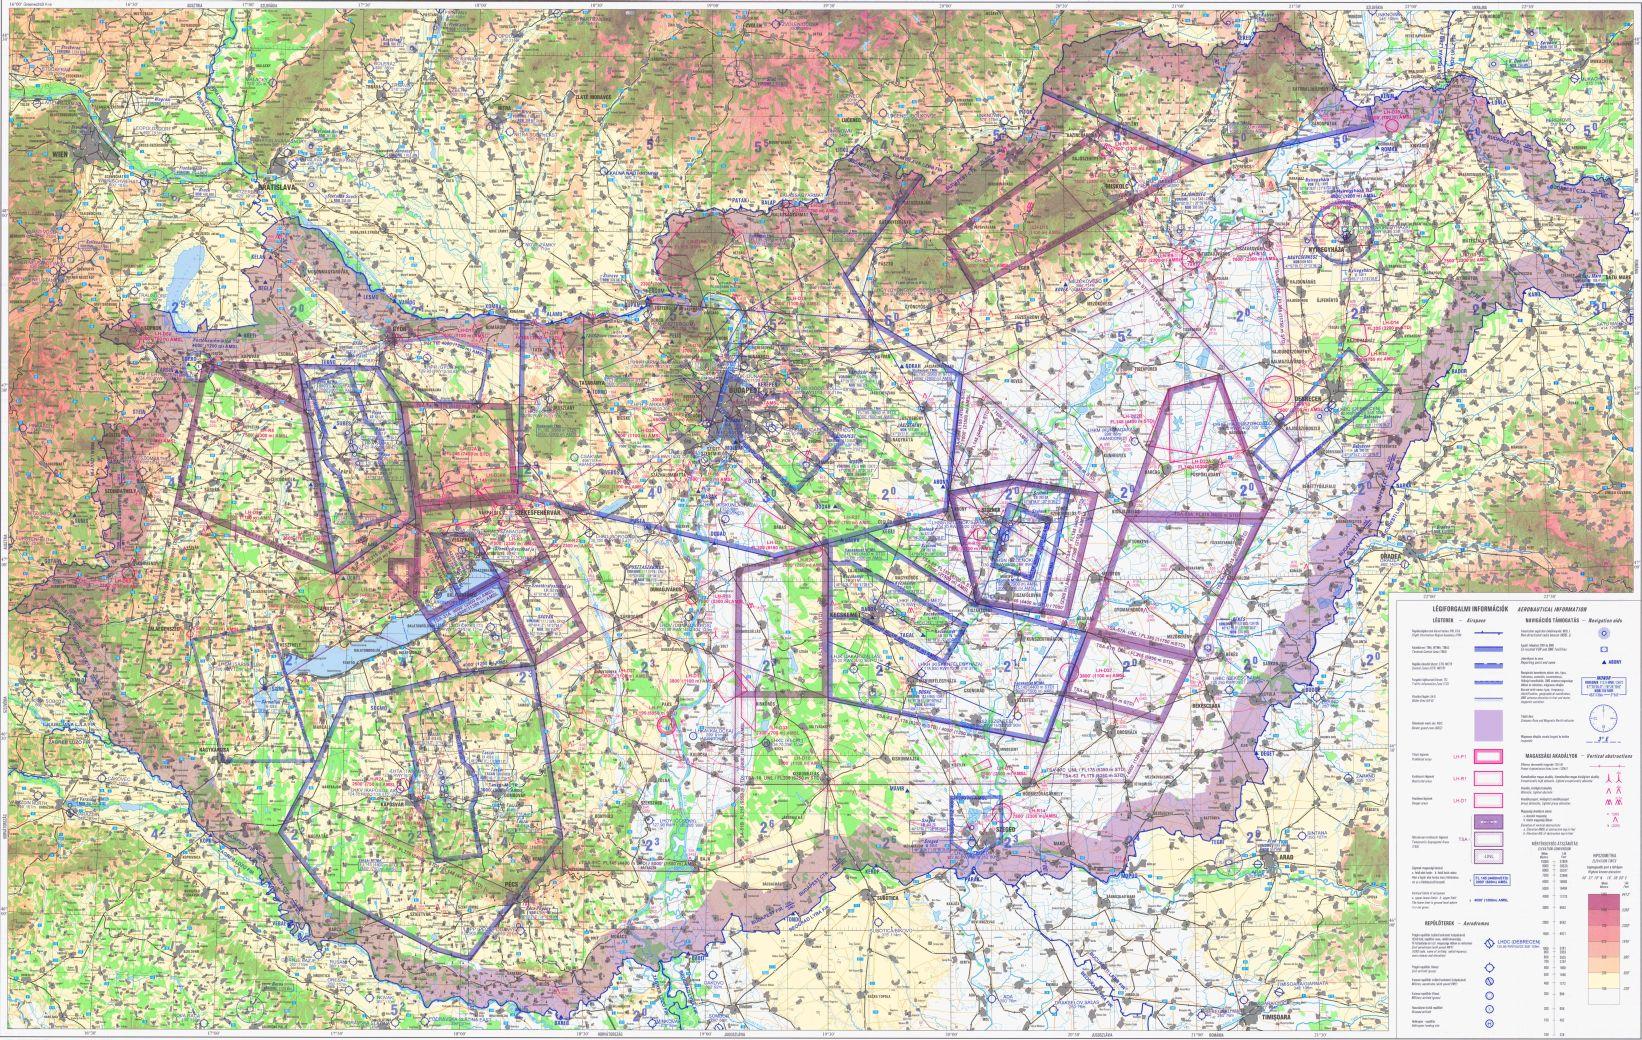 repülő térkép IHO   Blog   A Pajtás, és a titkos térkép a függöny mögött repülő térkép